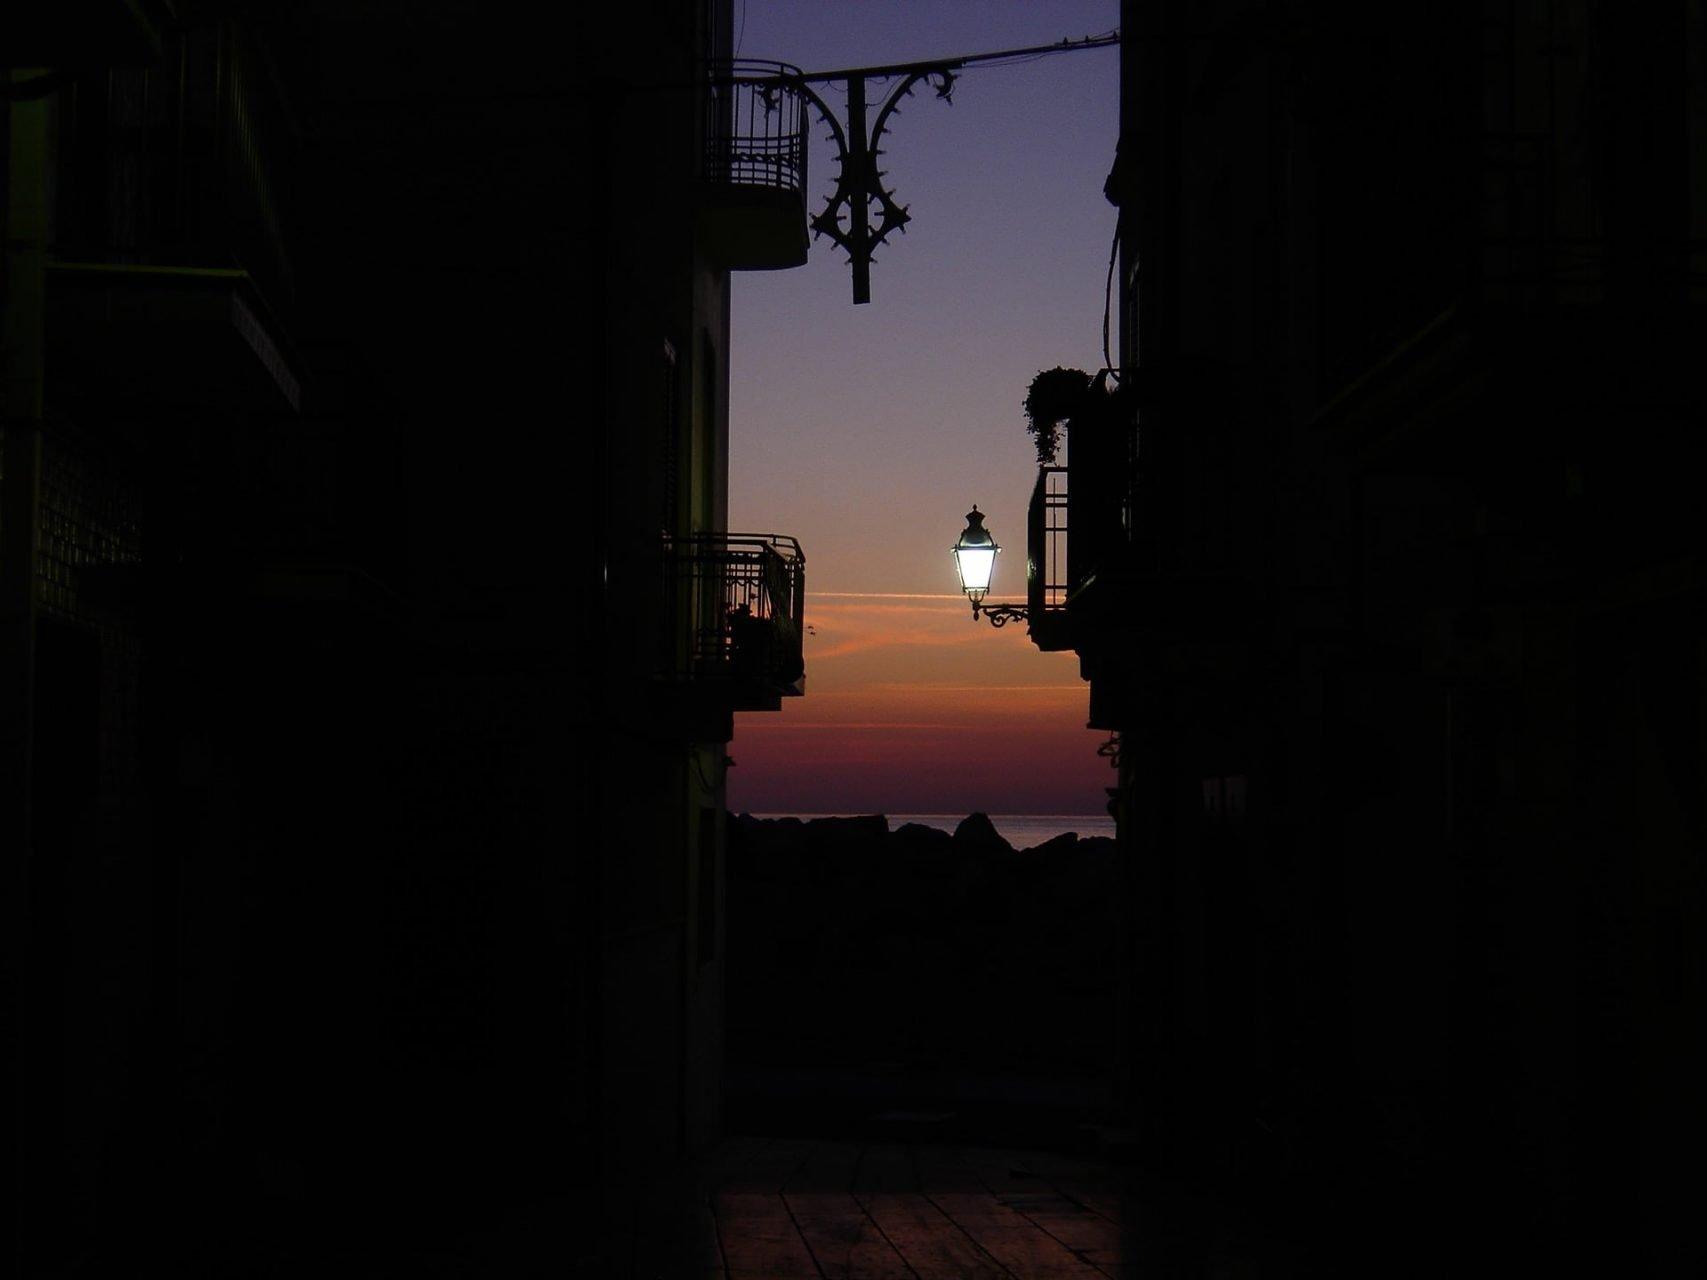 dove-dormire-Visit-Mola-di-Bari-Puglia